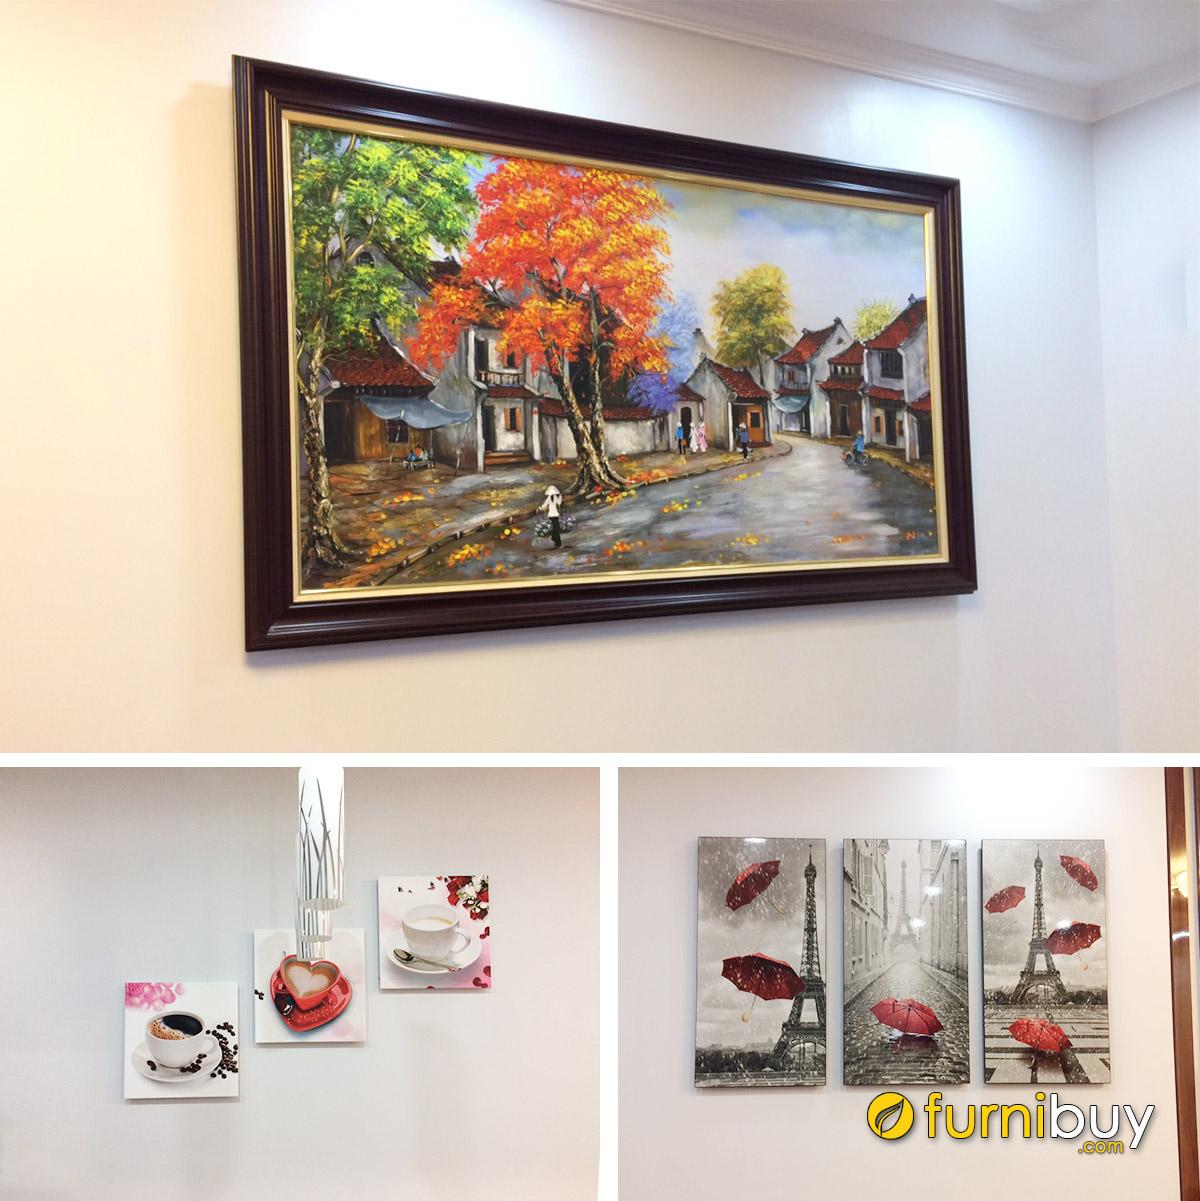 Hình ảnh Các mẫu tranh treo tường đẹp cùng chung 1 nhà